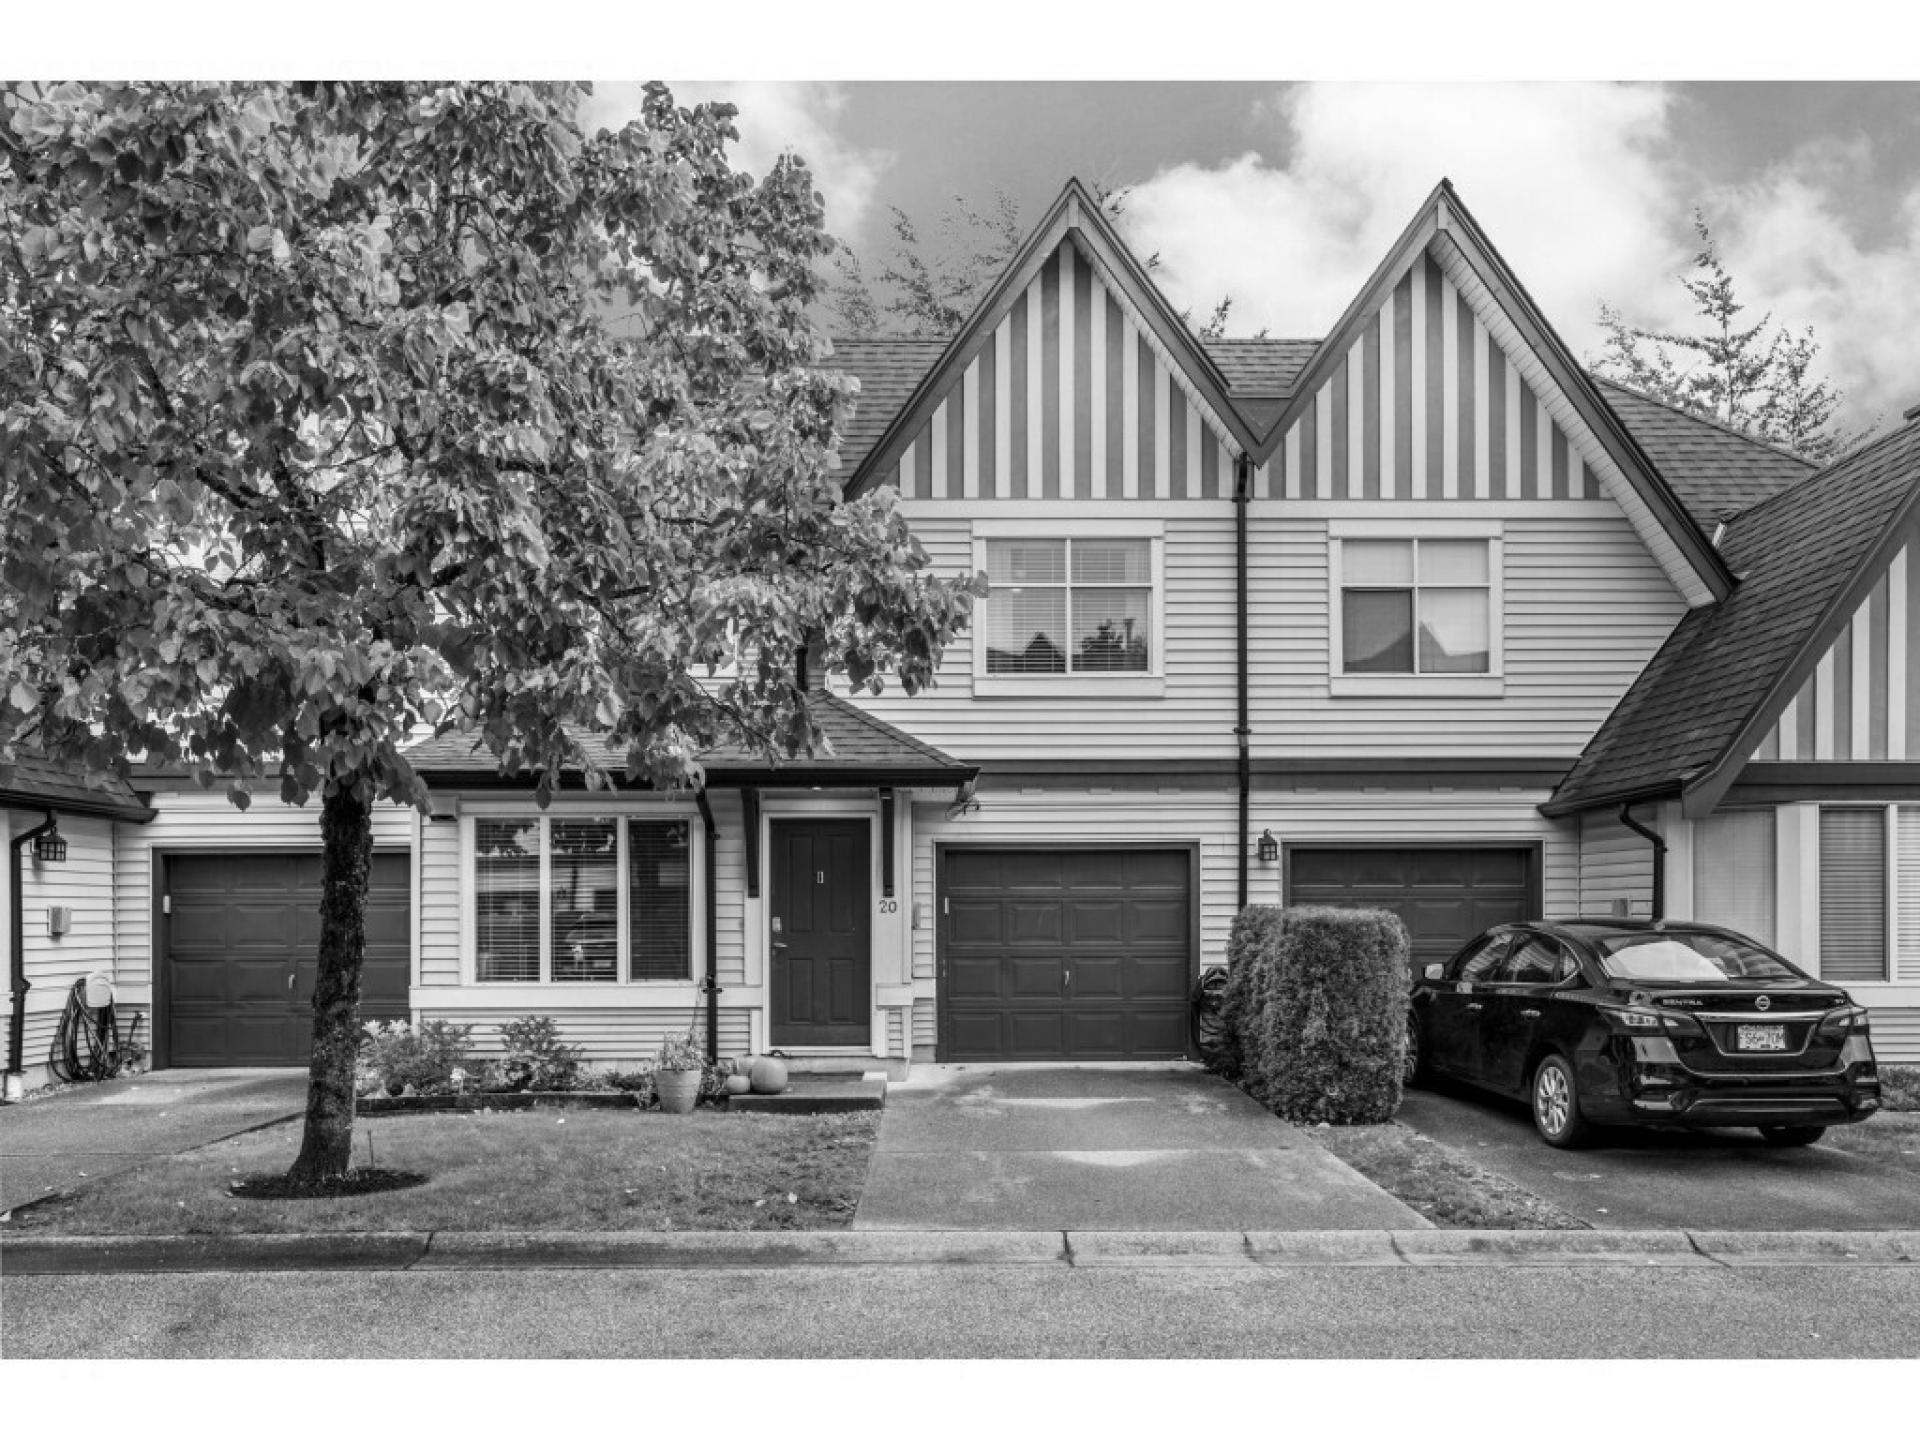 20 - 18883 65 Avenue, Cloverdale BC, Cloverdale 3